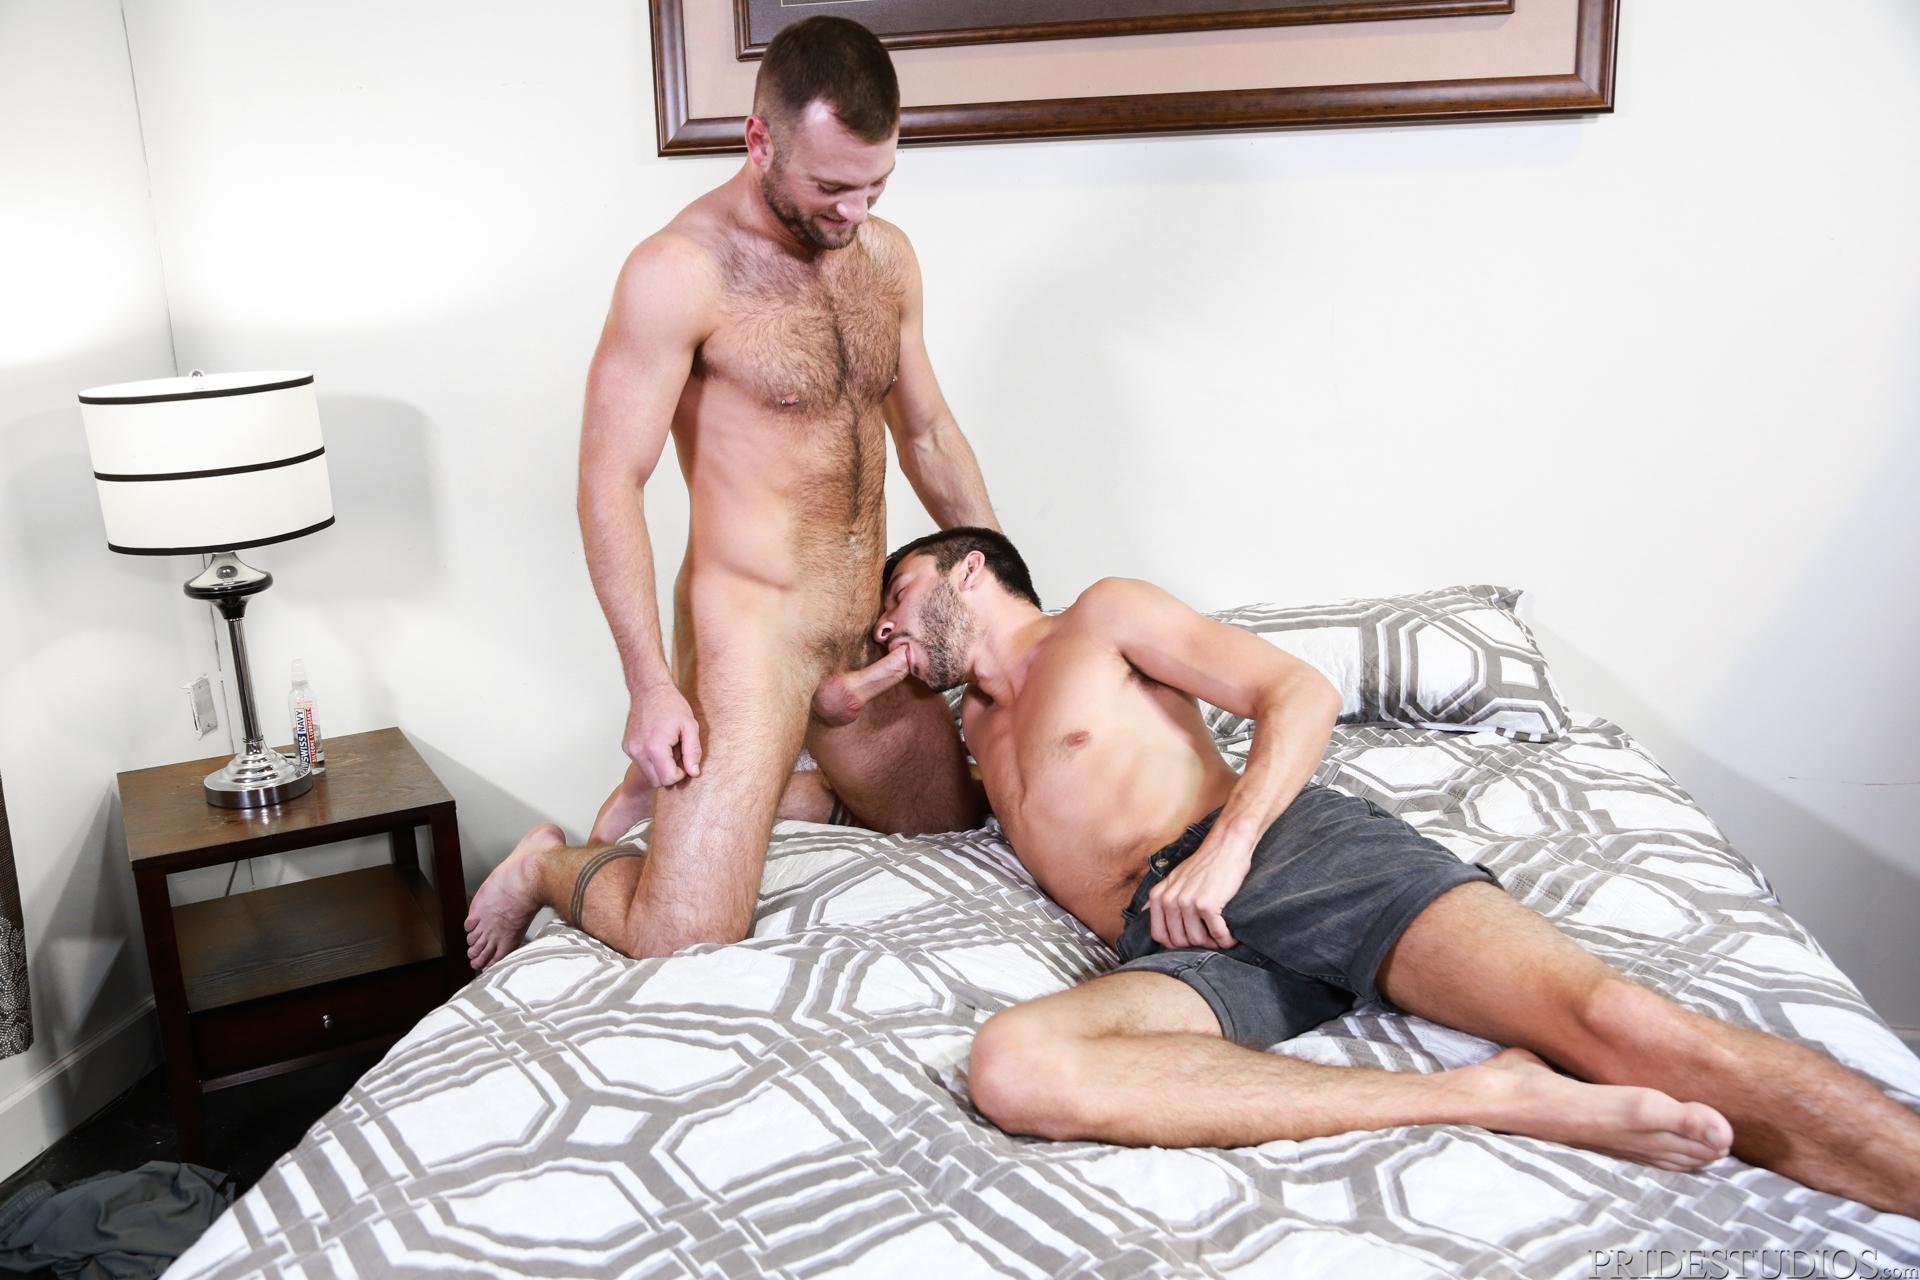 Pride-Studios-Scott-DeMarco-and-Aiden-Hart-Hairy-Cub-Gets-Fucked-04 Hairy Cub Aiden Hart Takes Scott DeMarco's Big Cock